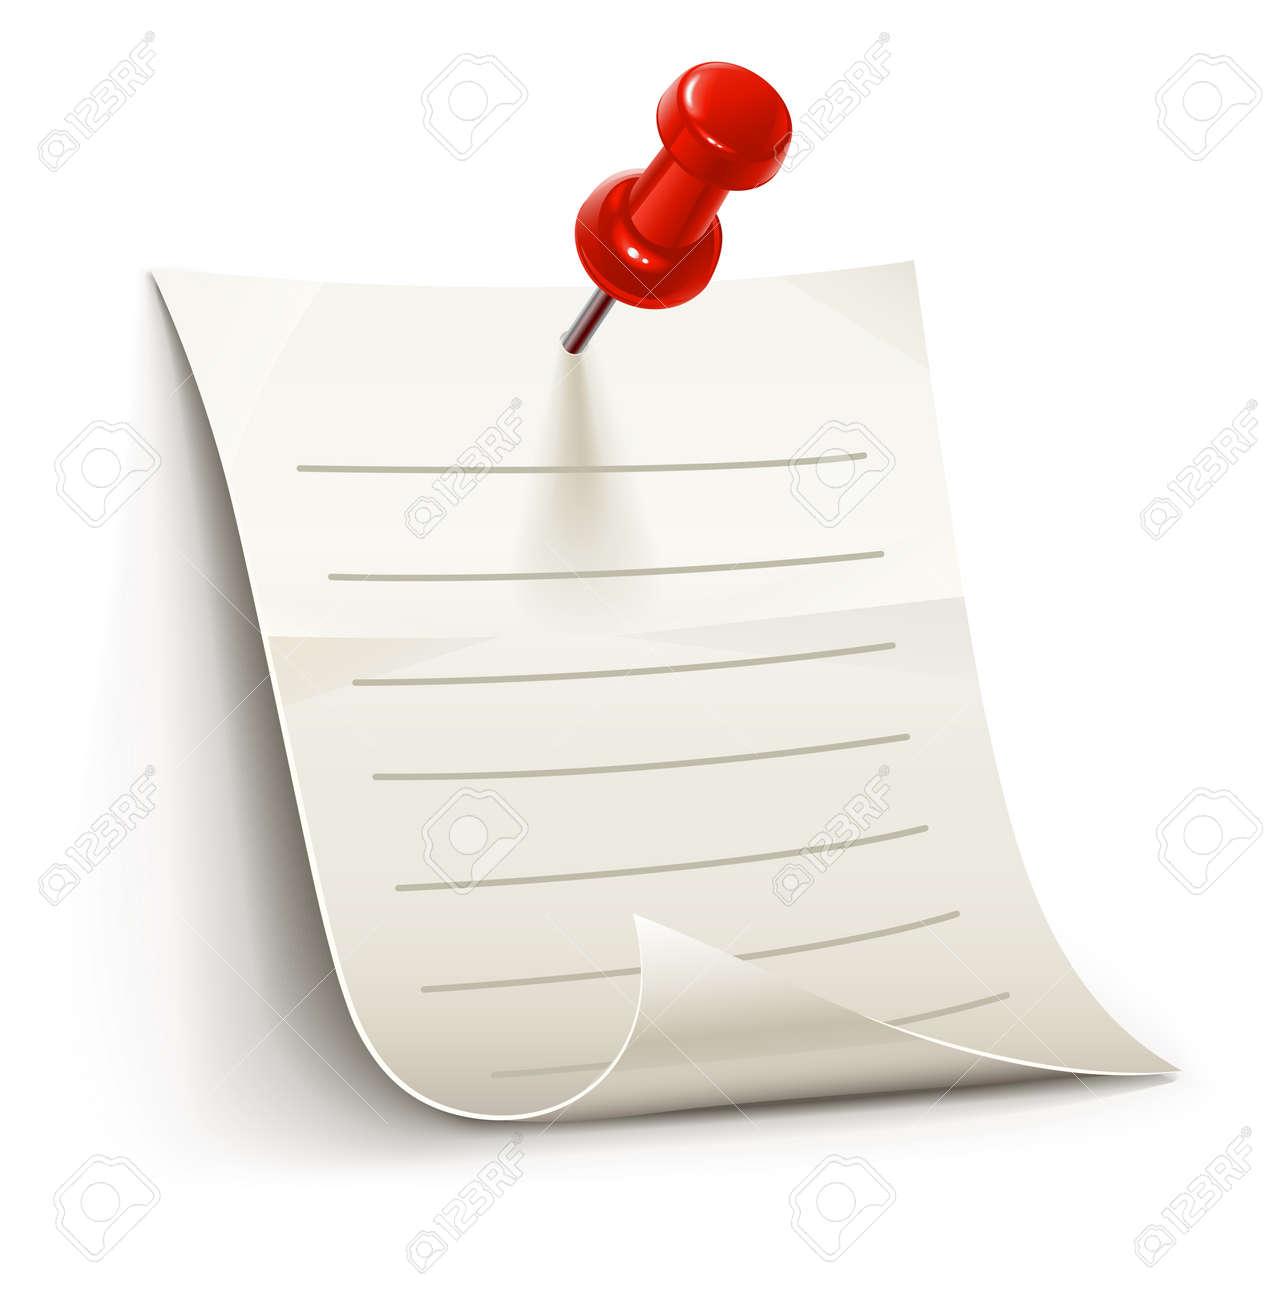 Hoja de papel para billetes vencido por pin, ilustración aislada sobre fondo blanco